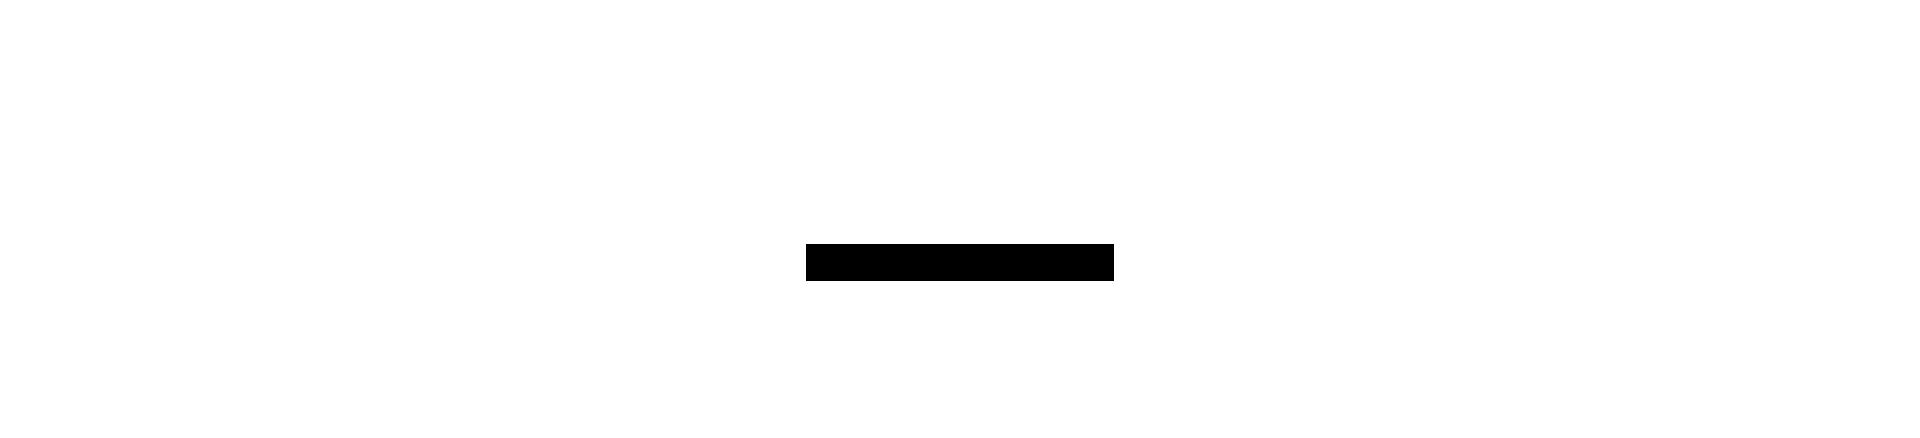 LepageIllus-copie-11